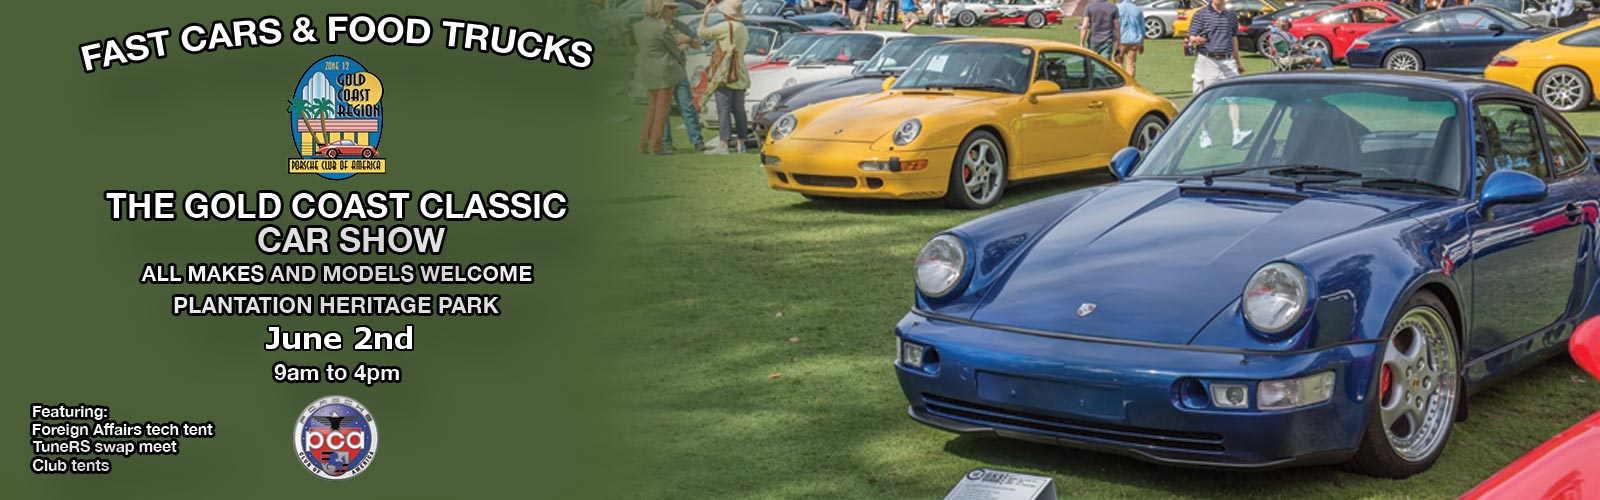 Eurofest Porsches Pancakes Gold Coast Region - Fort lauderdale car show